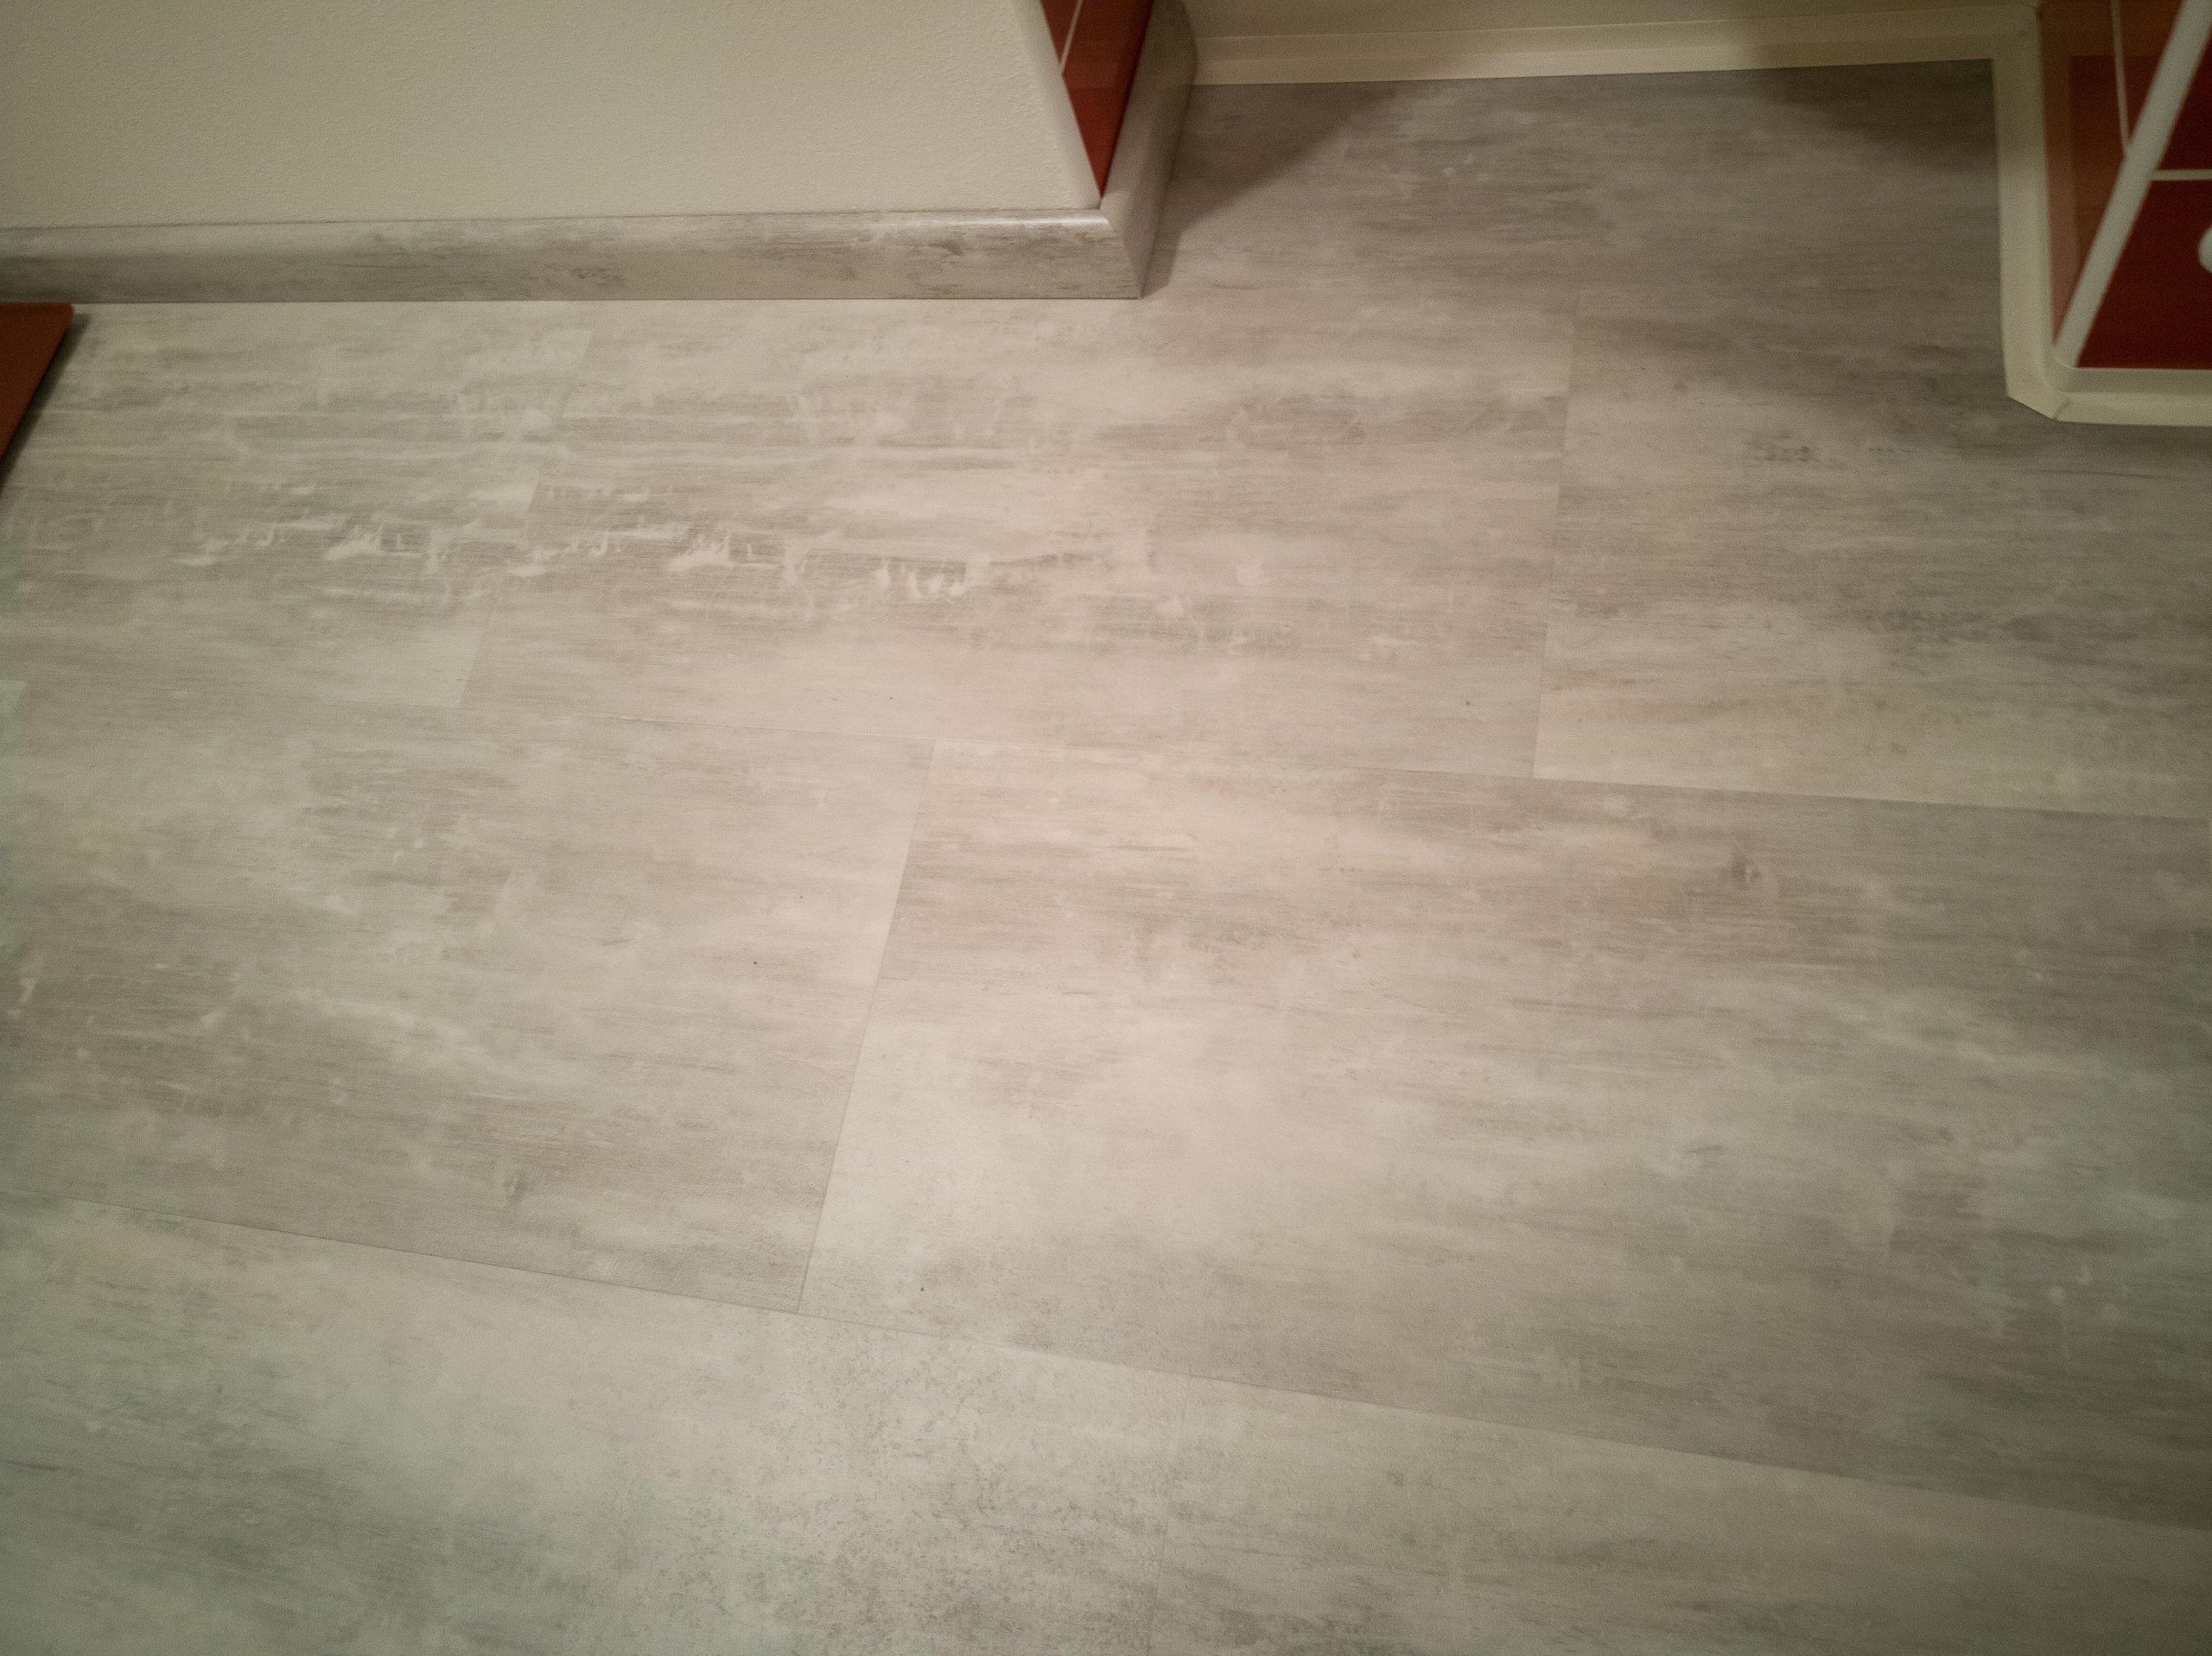 Další detail vinylové podlahy včetně soklové lišty se stejným dekorem jako podlaha